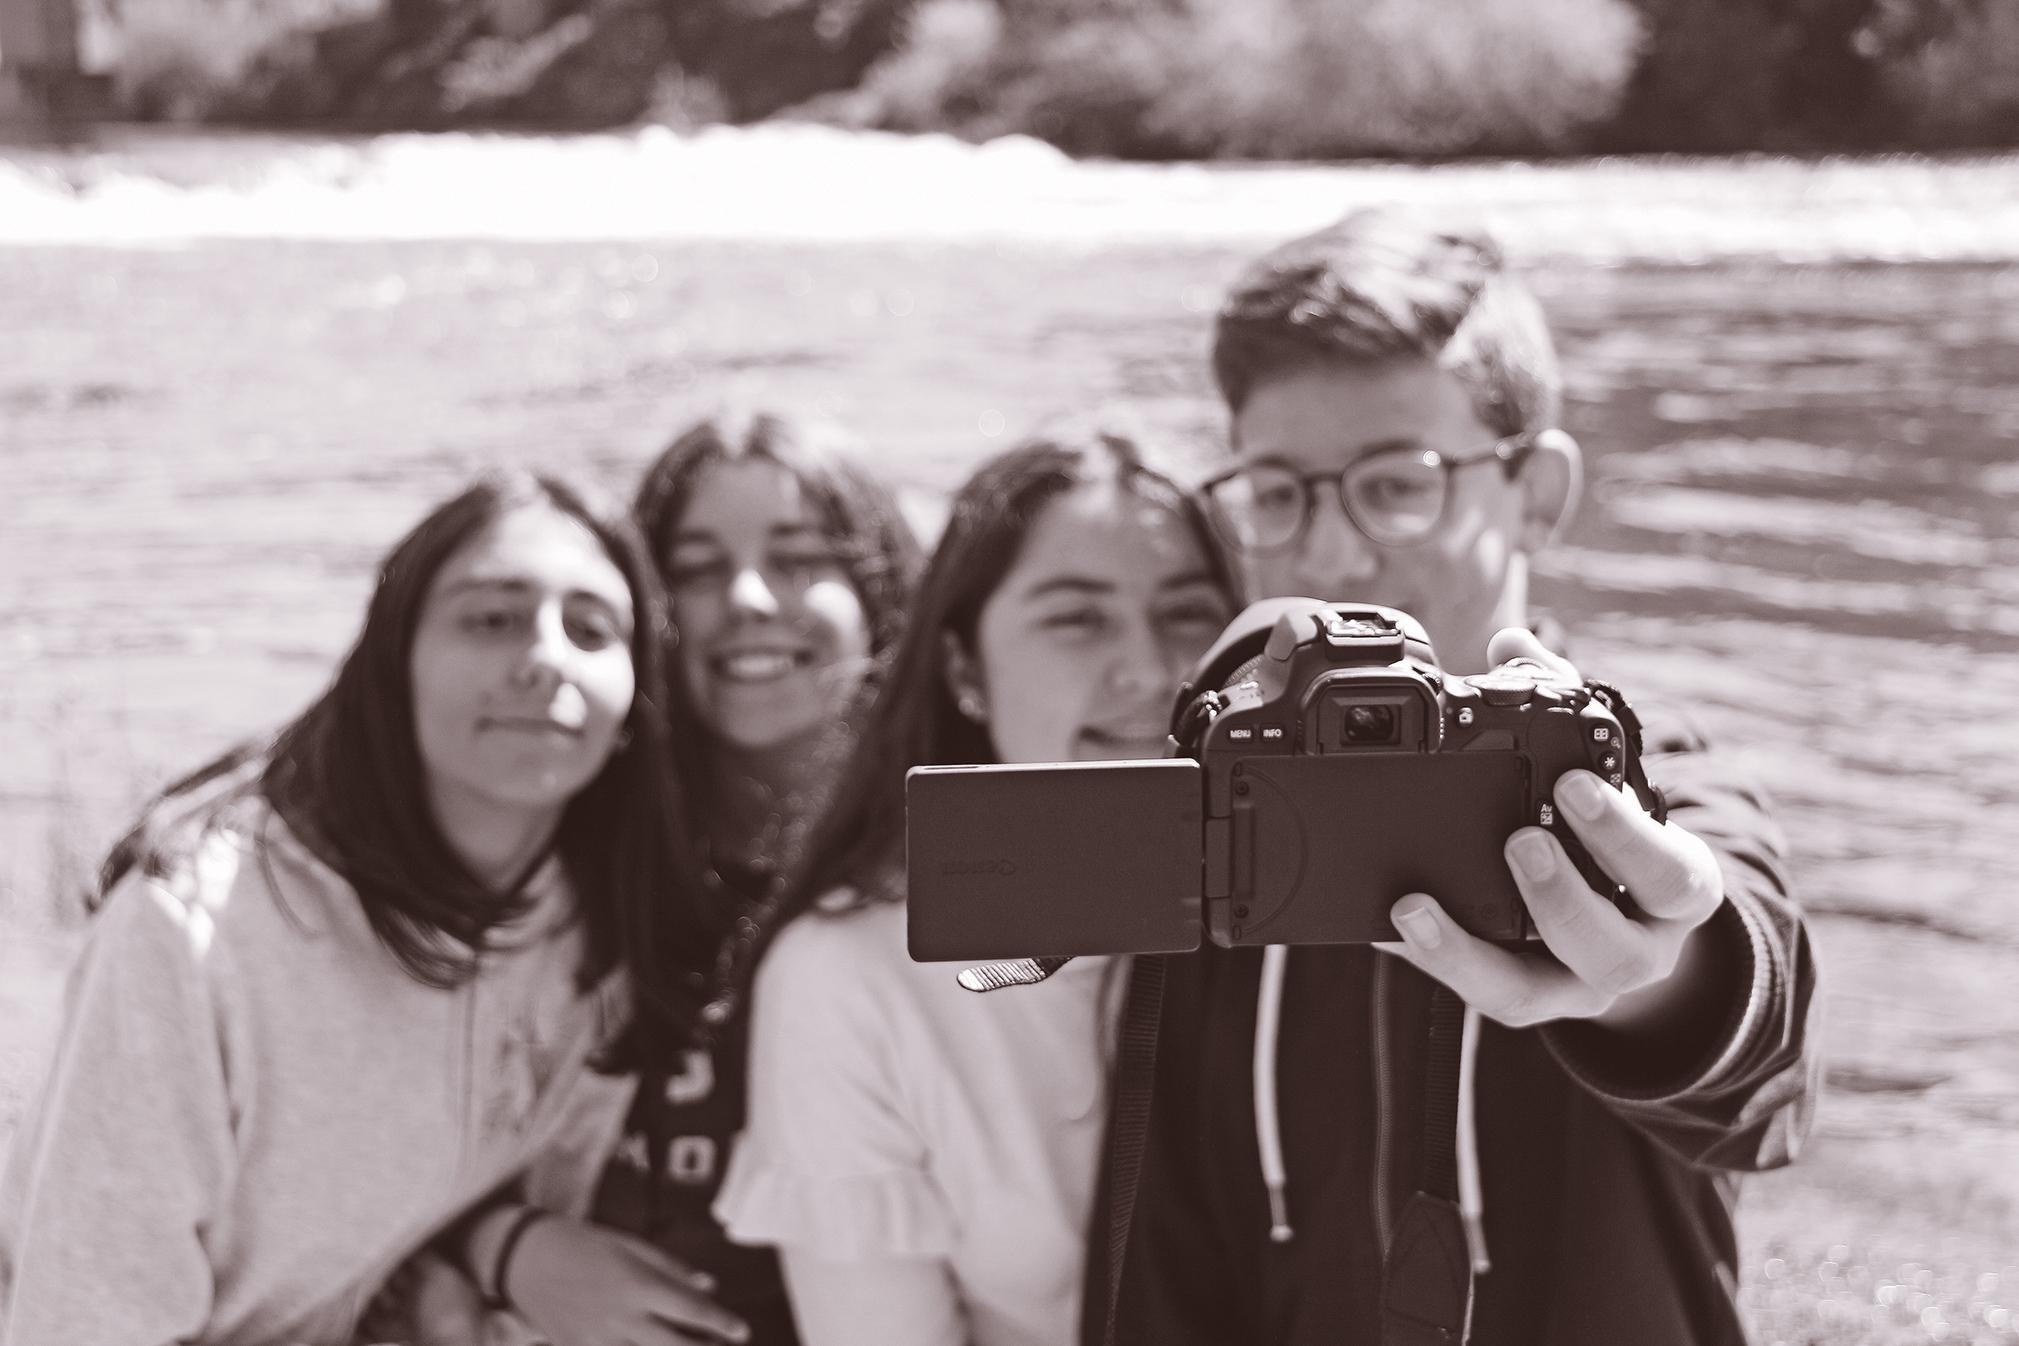 Resultados I R.A.M. OFFICECAPHOTO.PT pelas férias escolares da Páscoa 2019 com Rimas ao Quadrado